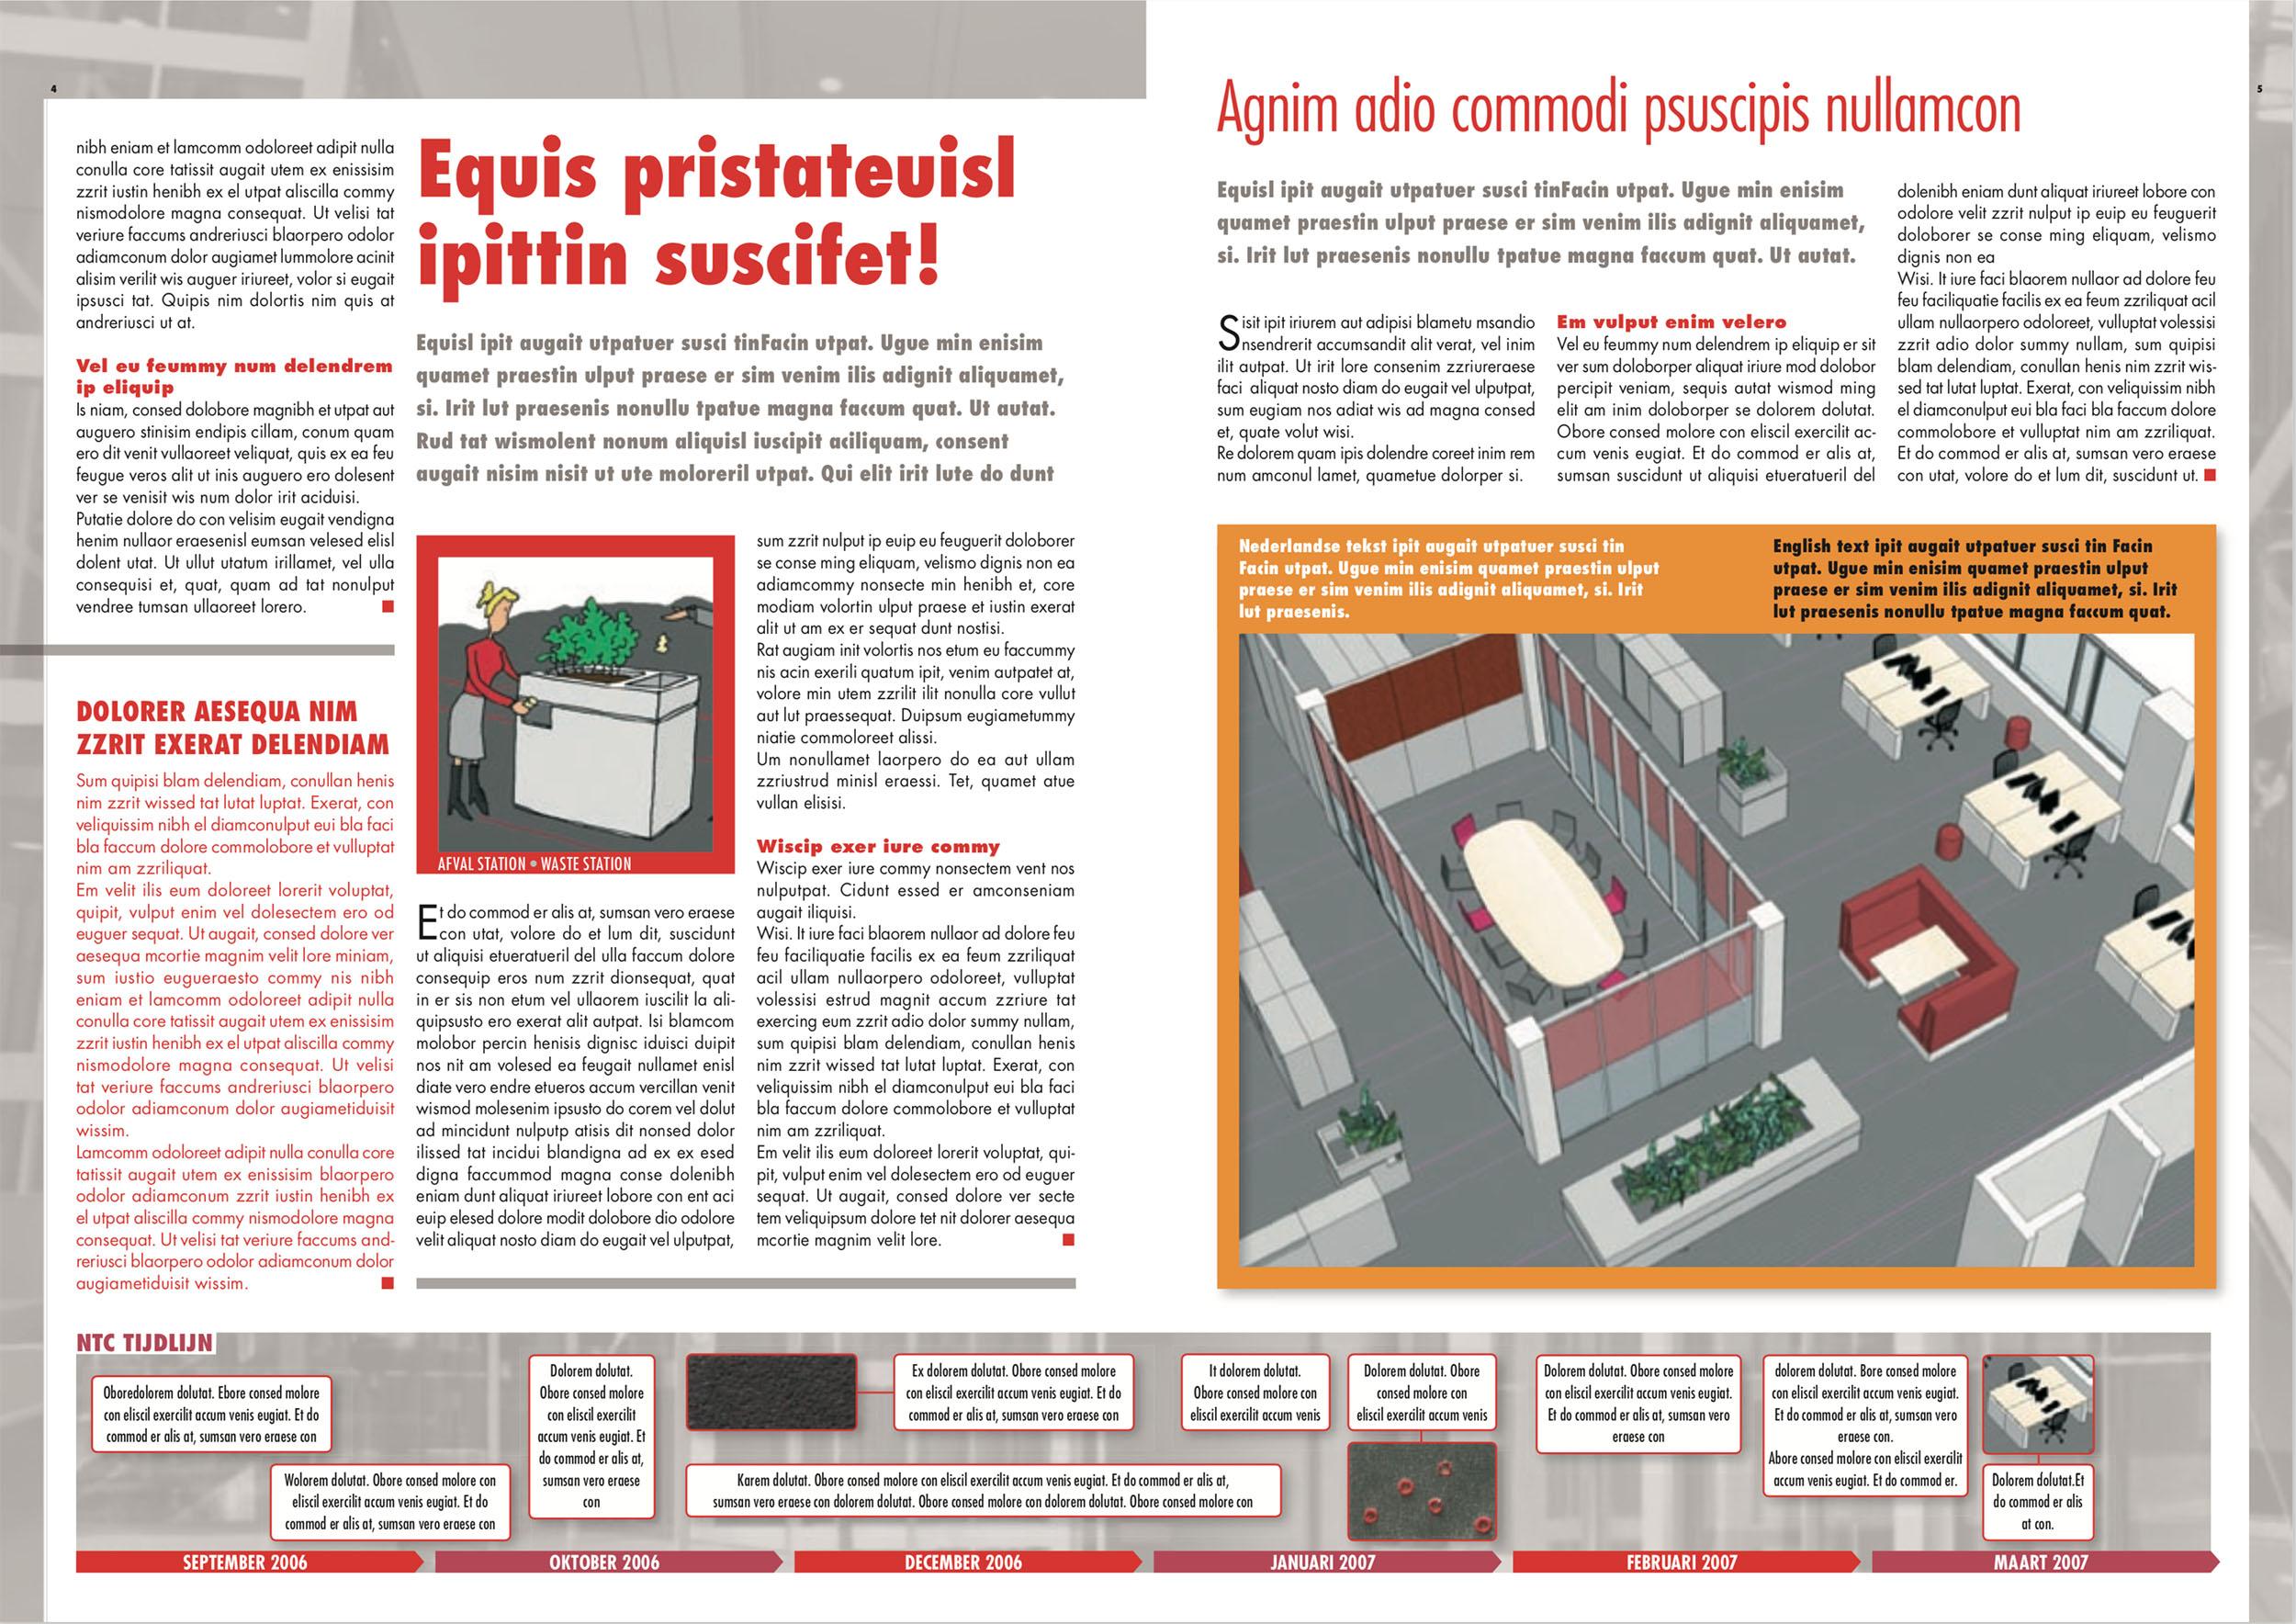 Nieuwsbrief SRTCA in beweging (pagina 4-5)